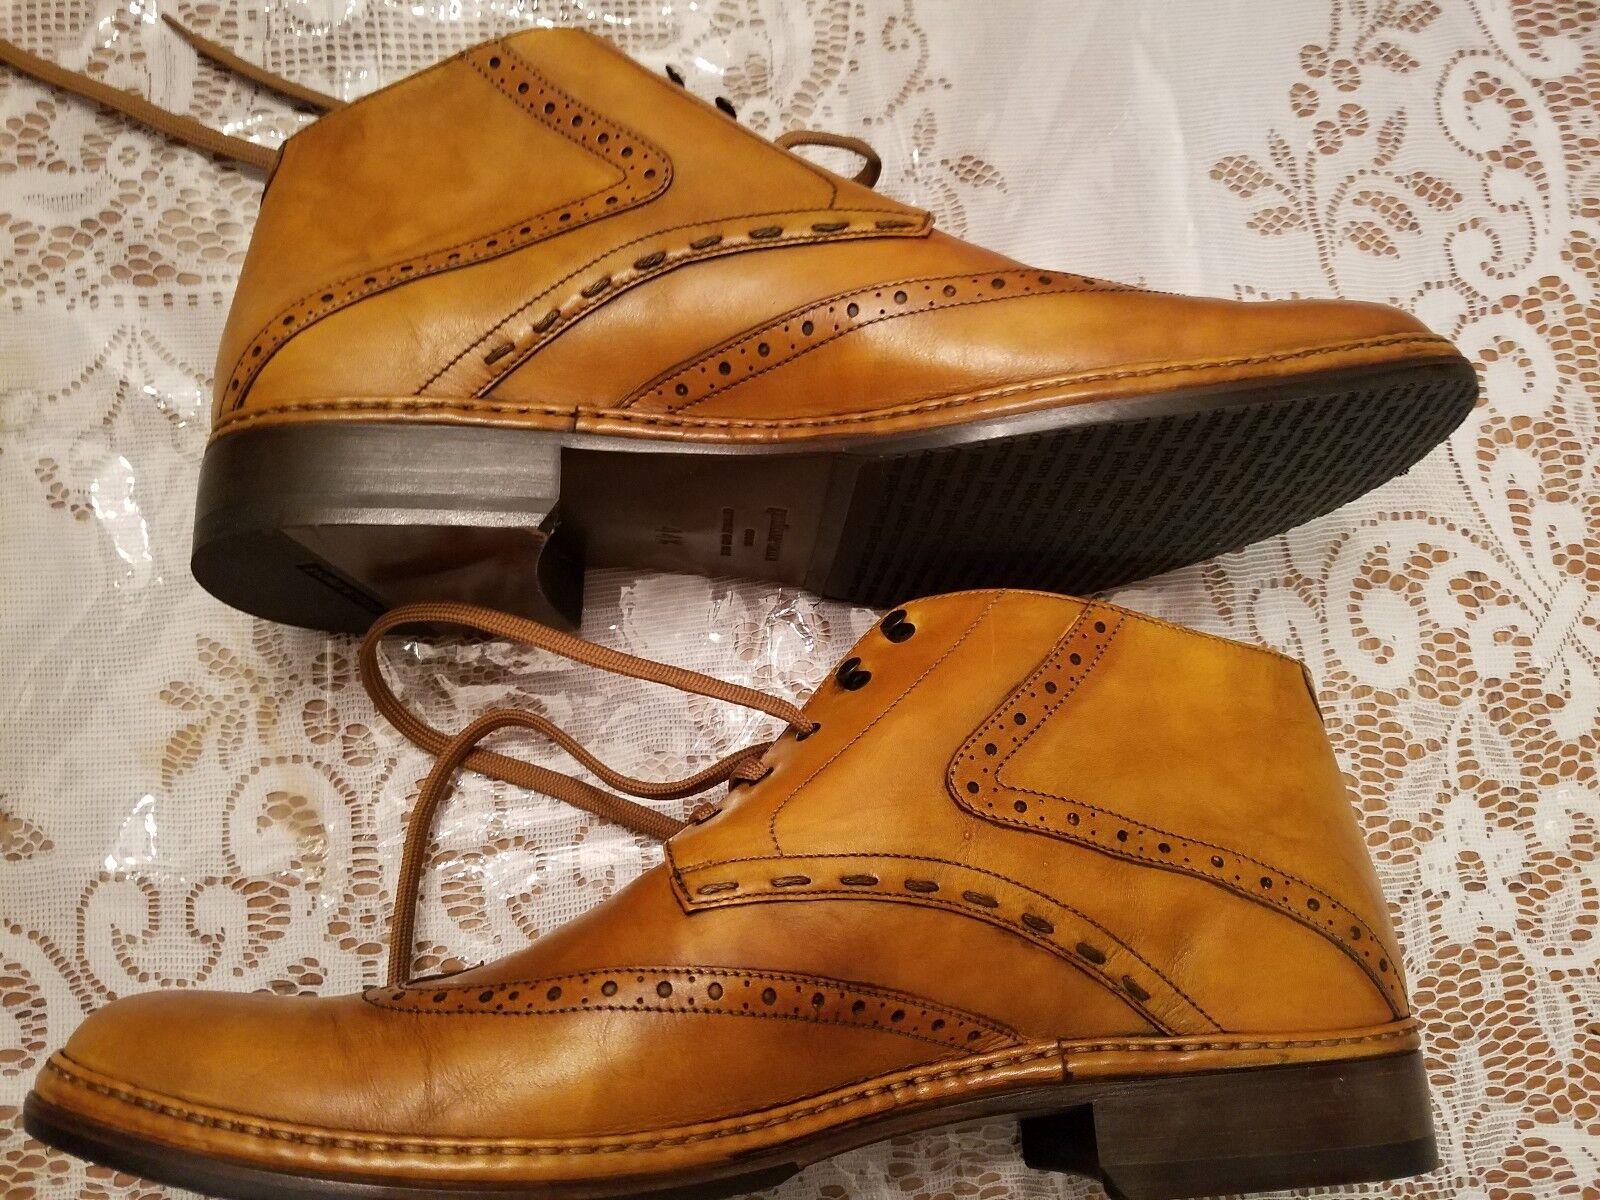 PAKERSON Ocher Handmade Italian Leather Wingtip Ankle Boots classiche Scarpe classiche Boots da uomo 7f9aeb